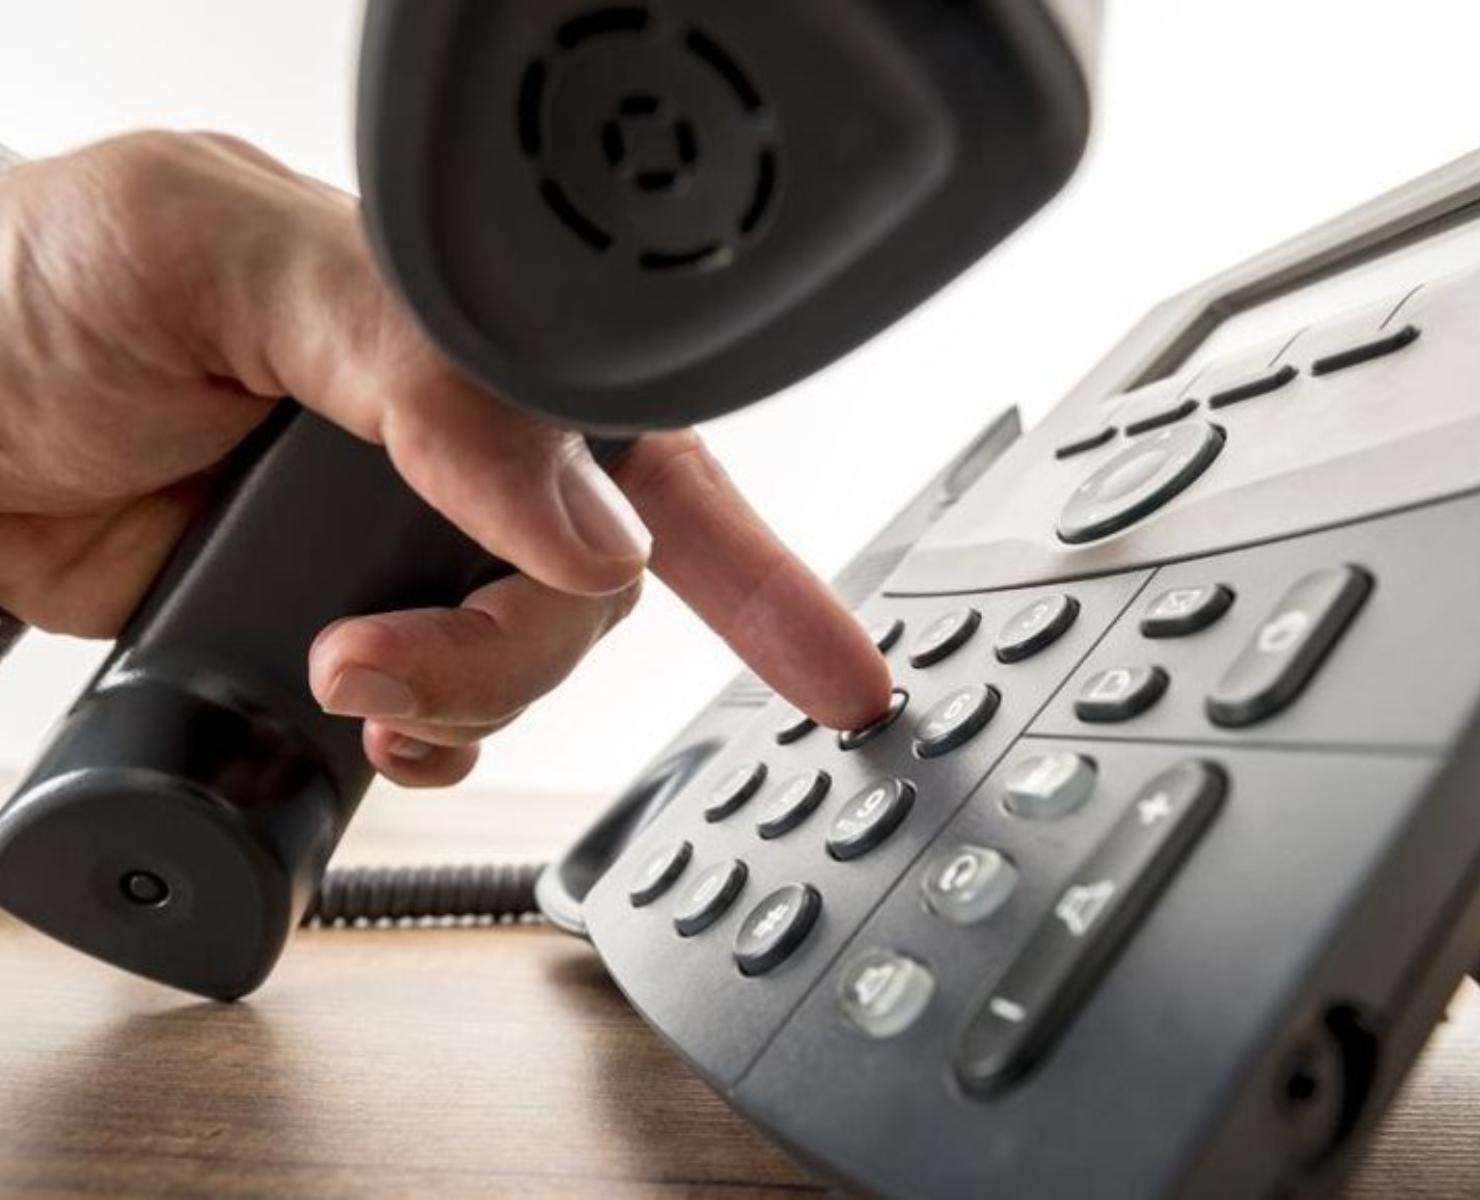 ANATEL: USUÁRIOS NÃO TERÃO TELEFONE CORTADOS